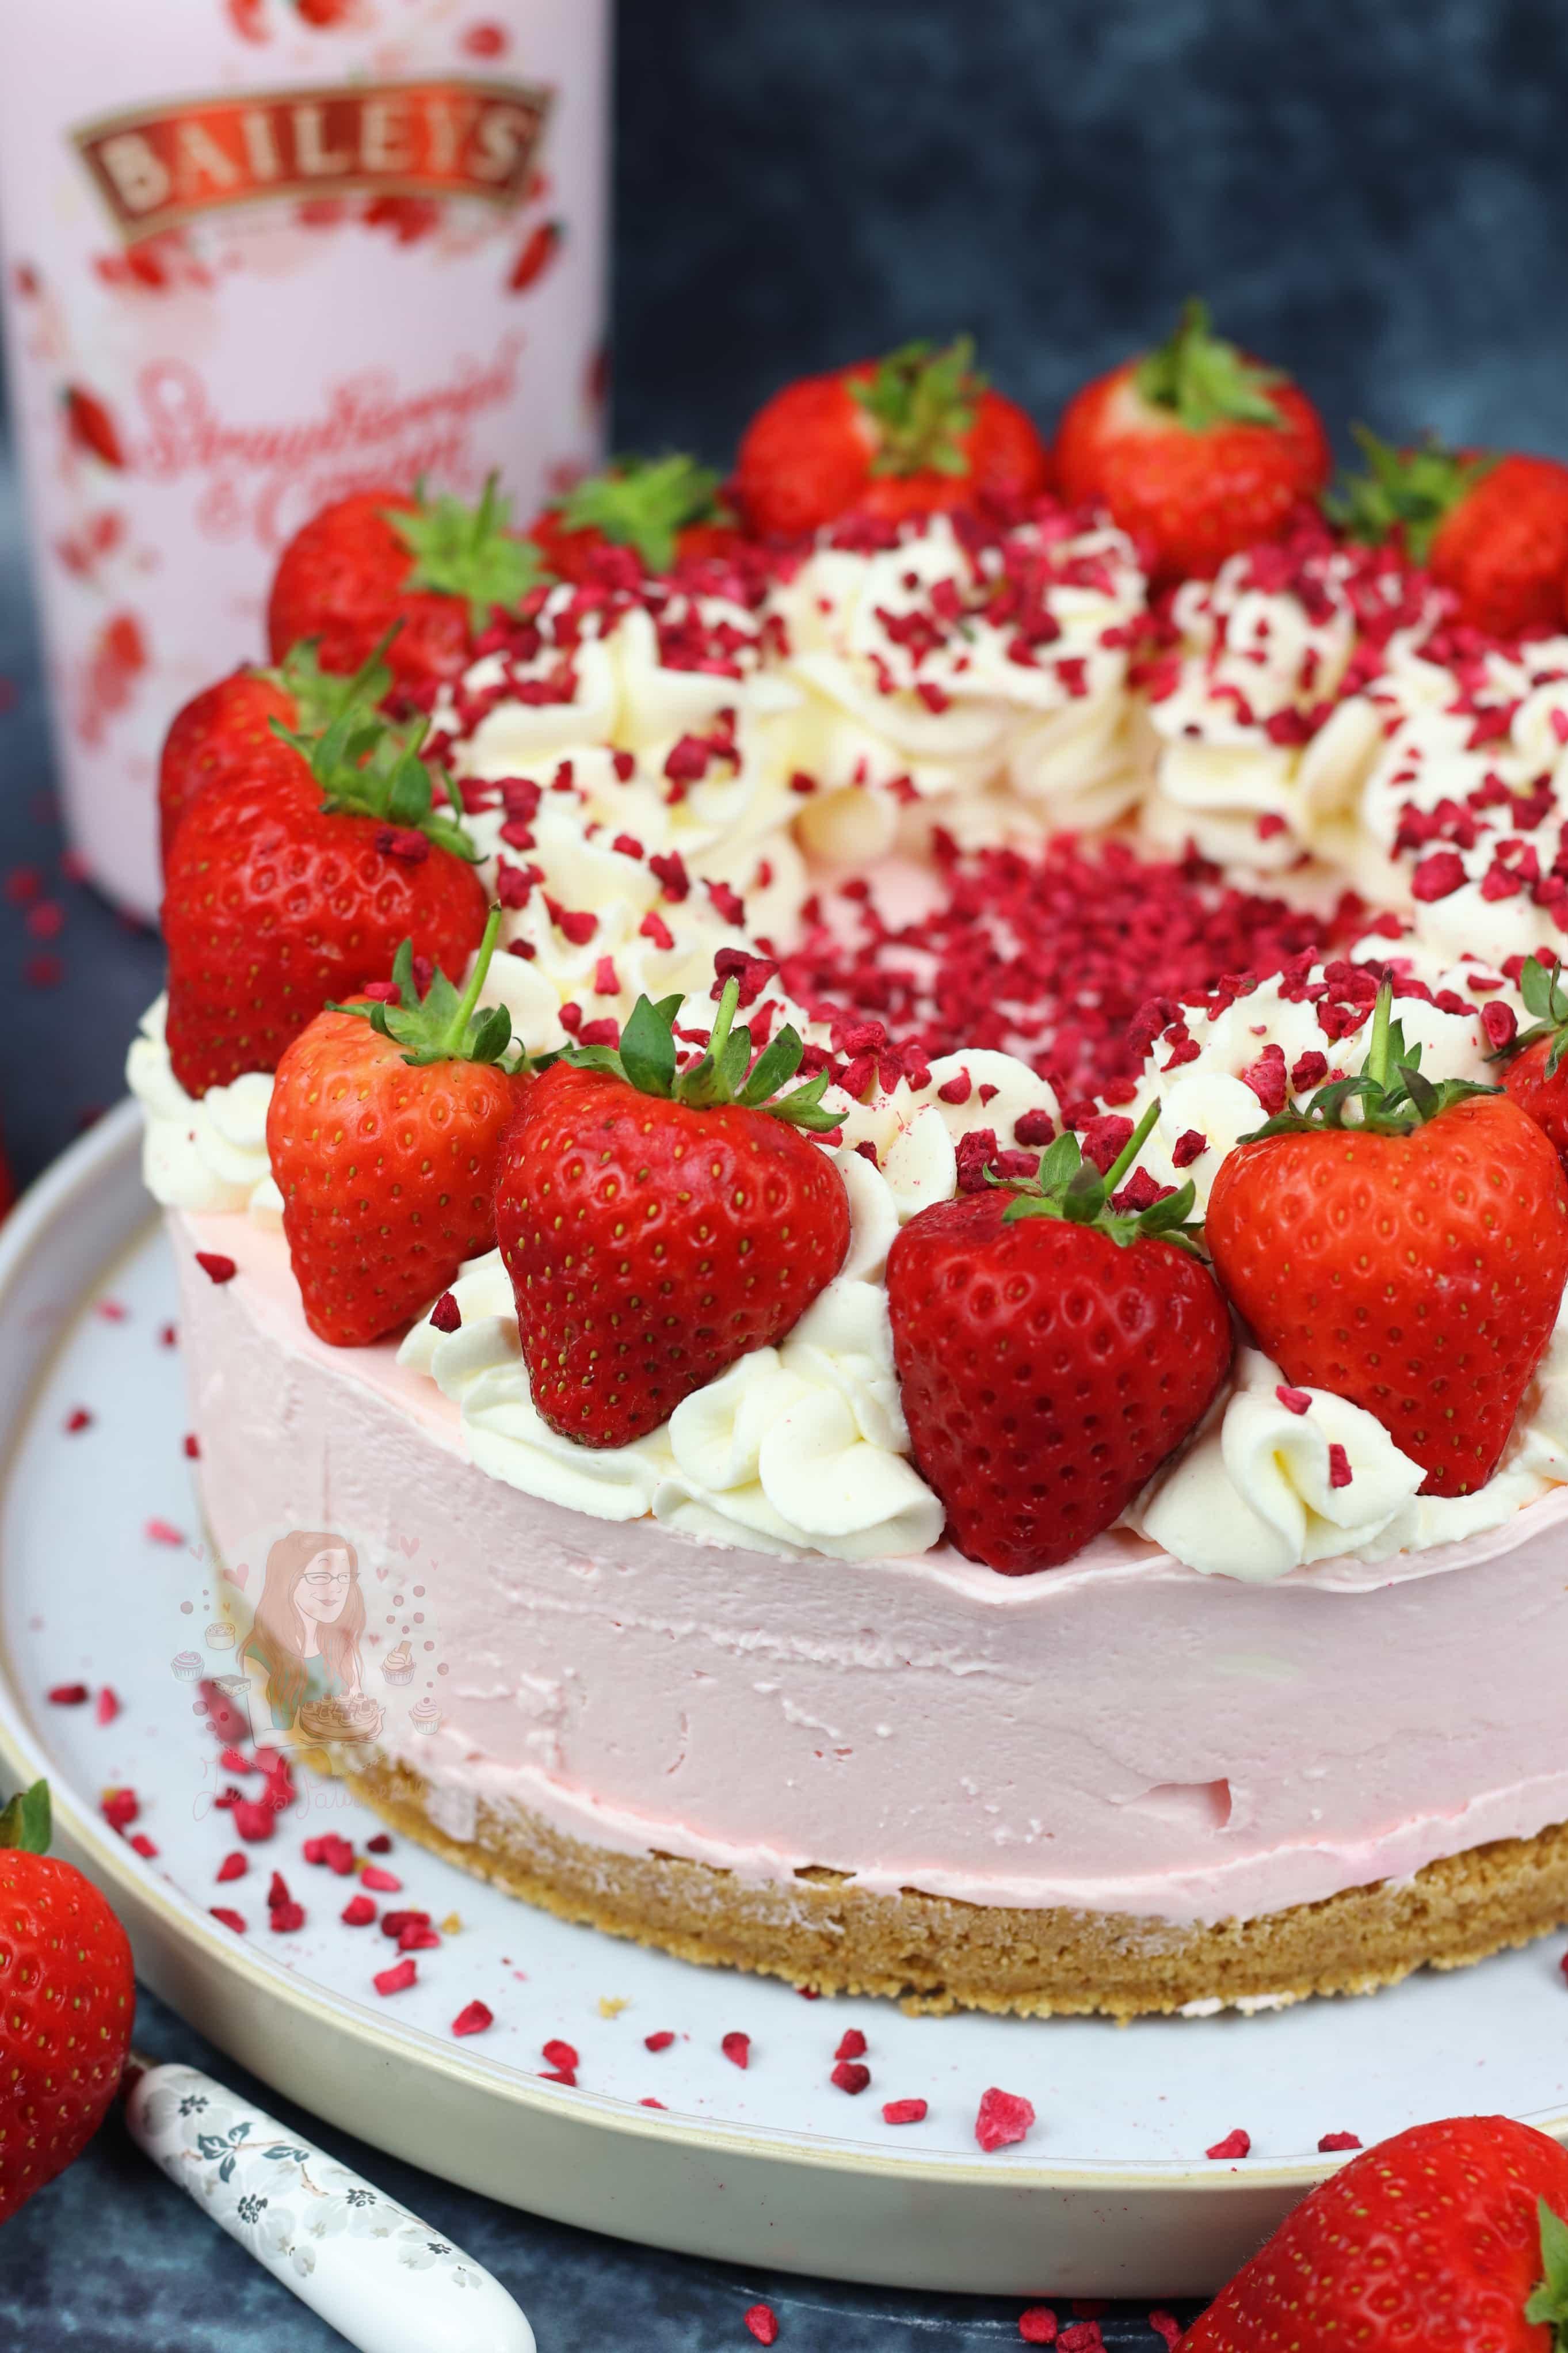 Baileys Strawberries Cream Cheesecake